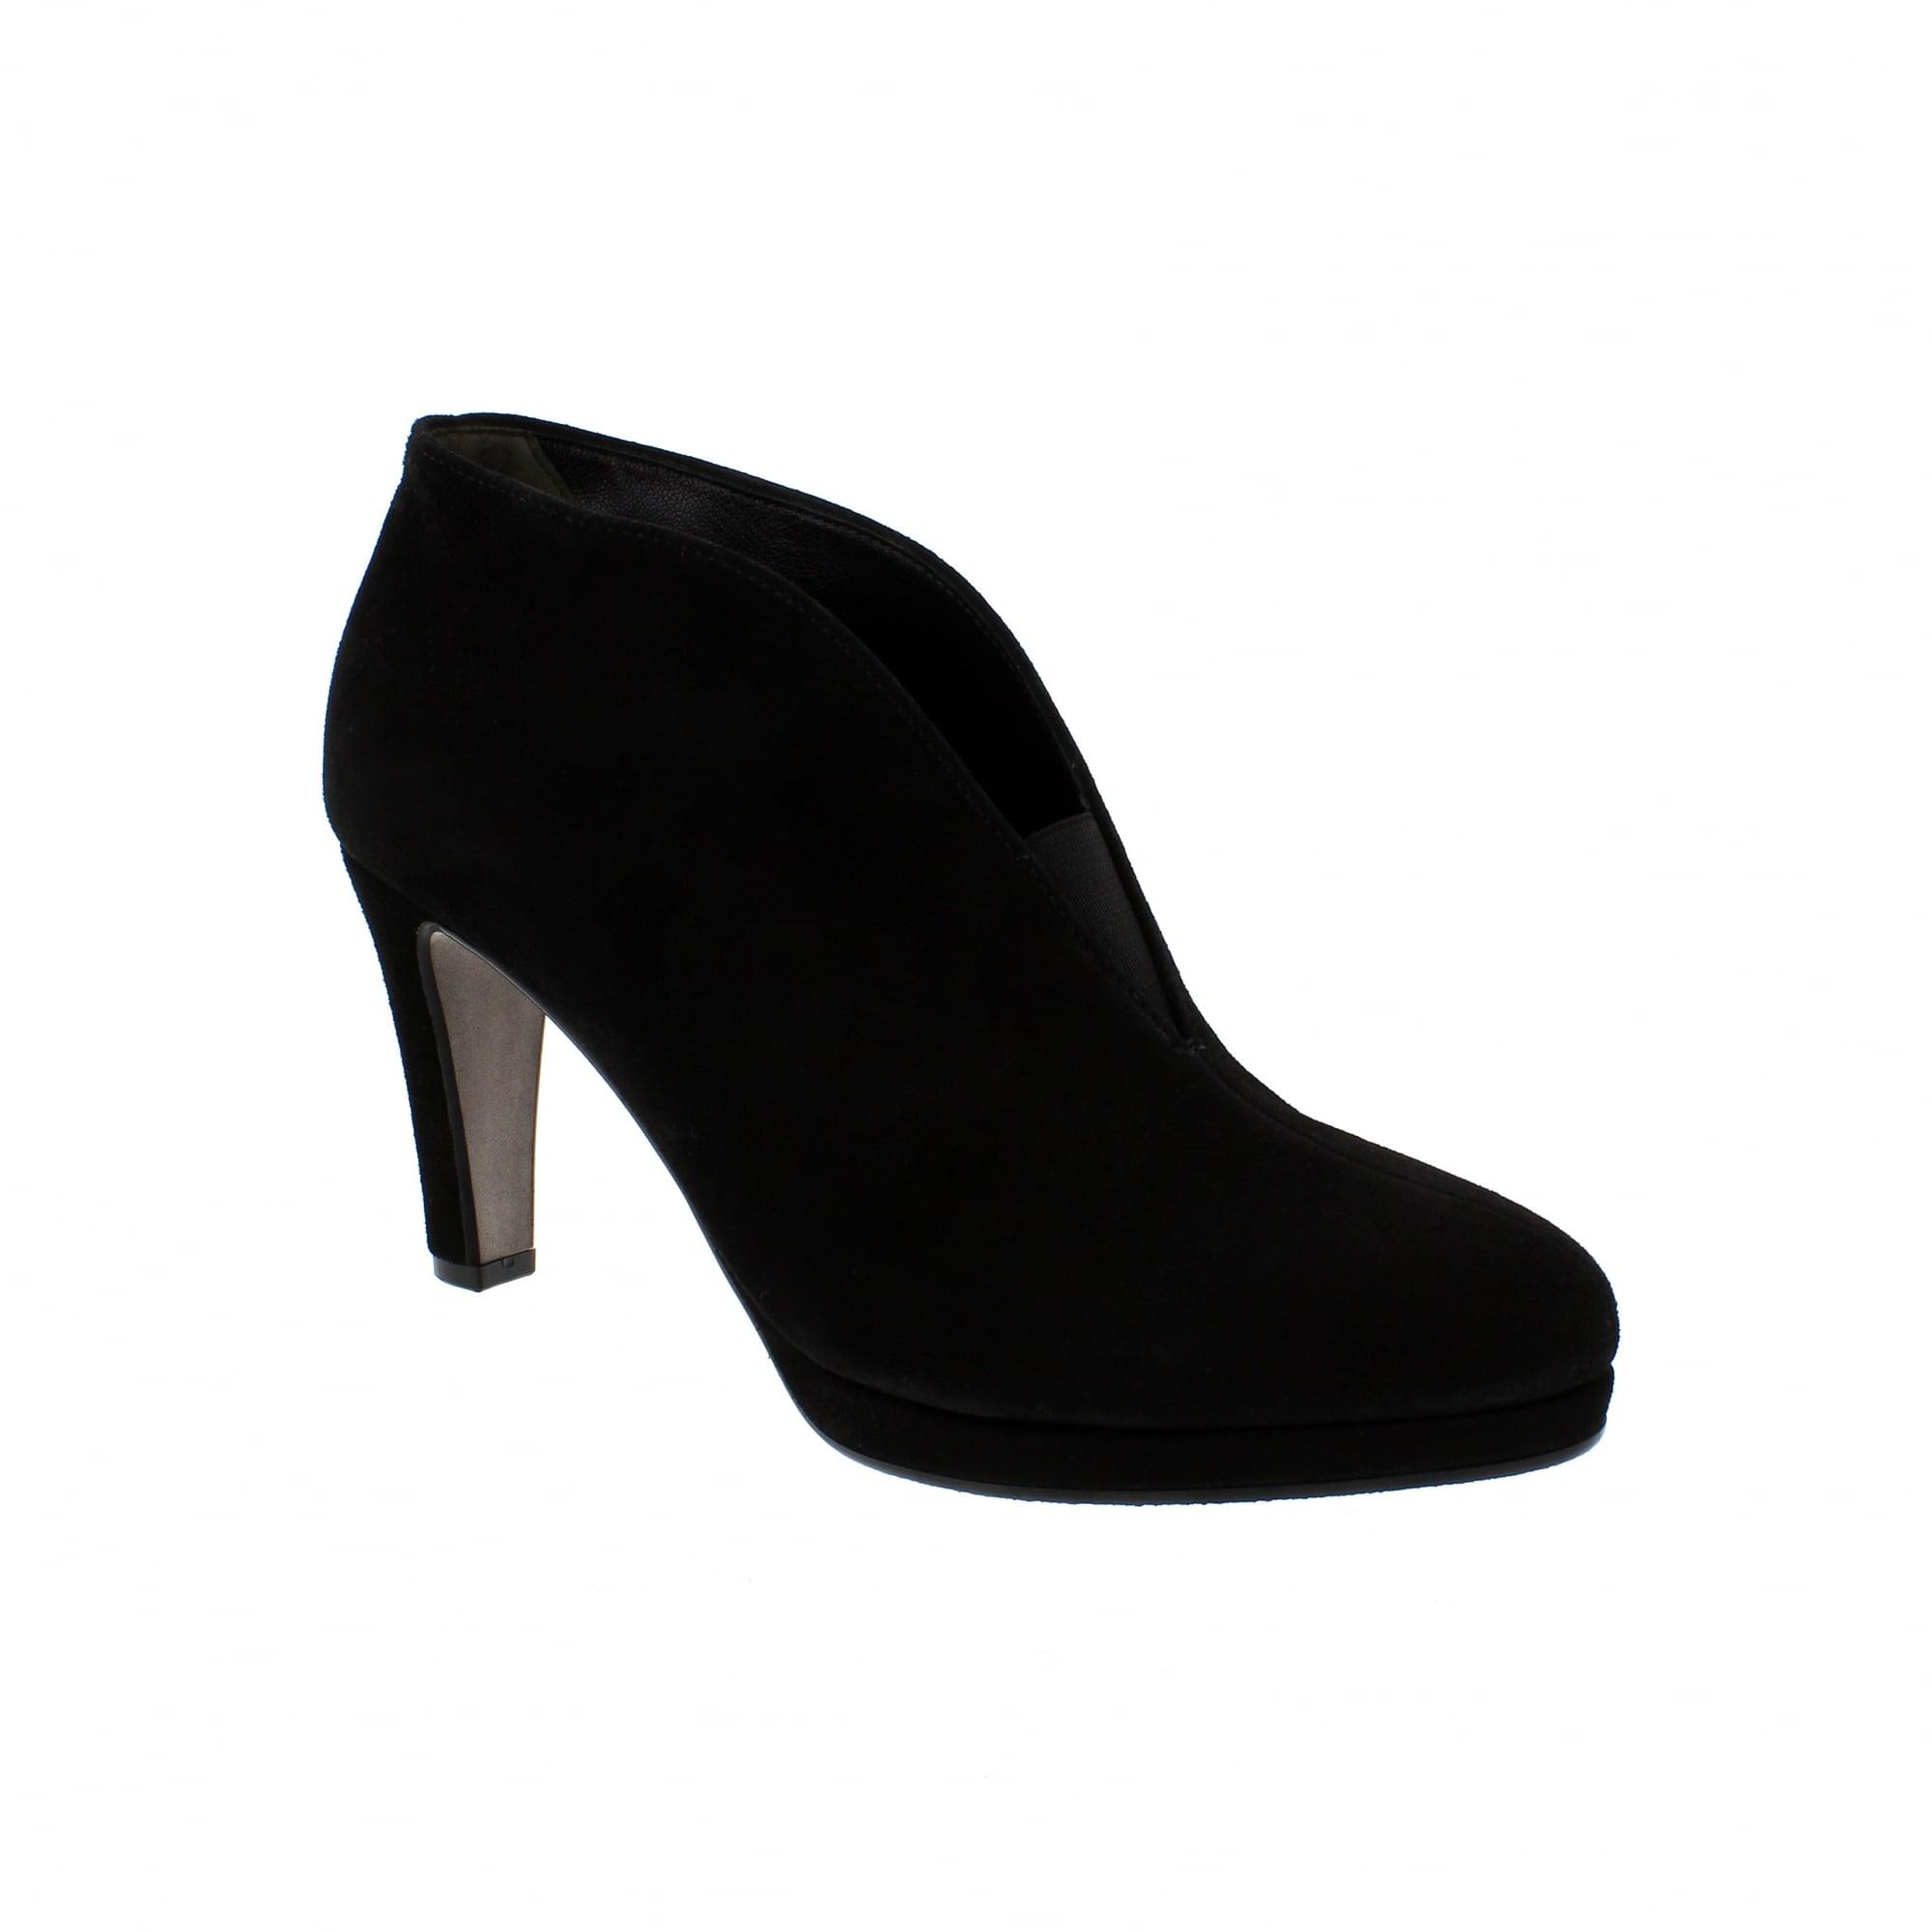 5e8dc9171d83cd Gabor Amien 75-701-17 Womens Shoes